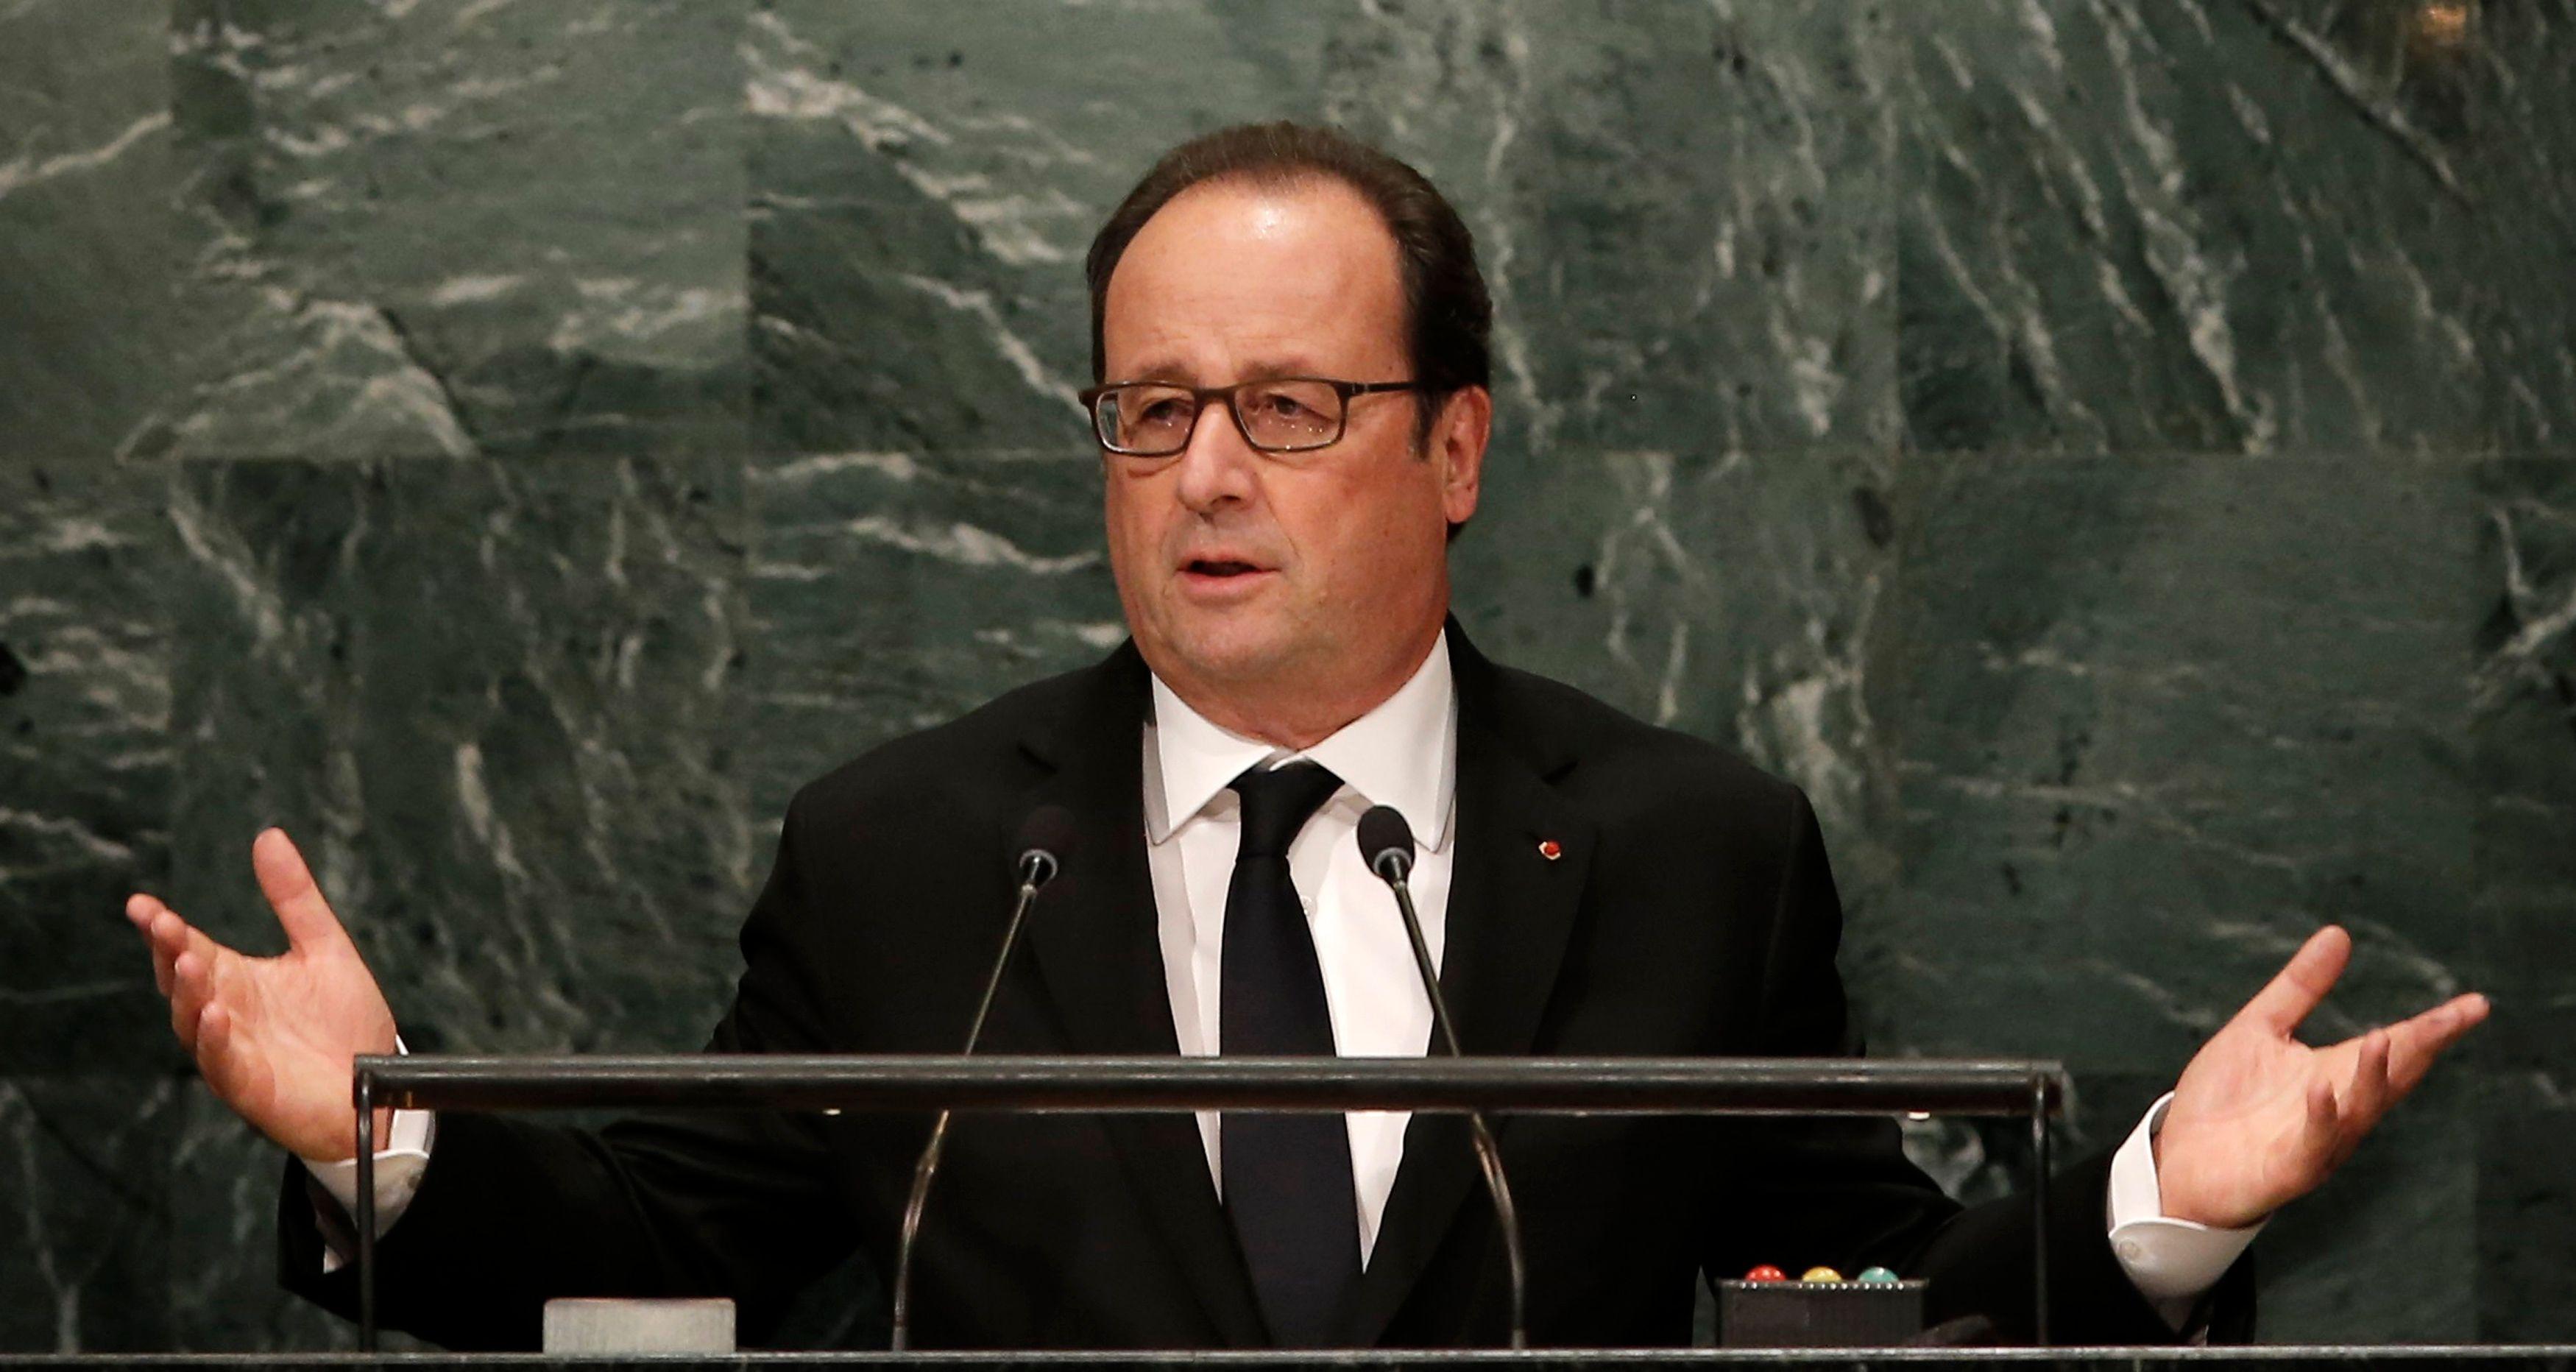 Sommet européen sur les migrants sans la France : François Hollande inaugure une nouvelle version de la politique de la chaise vide